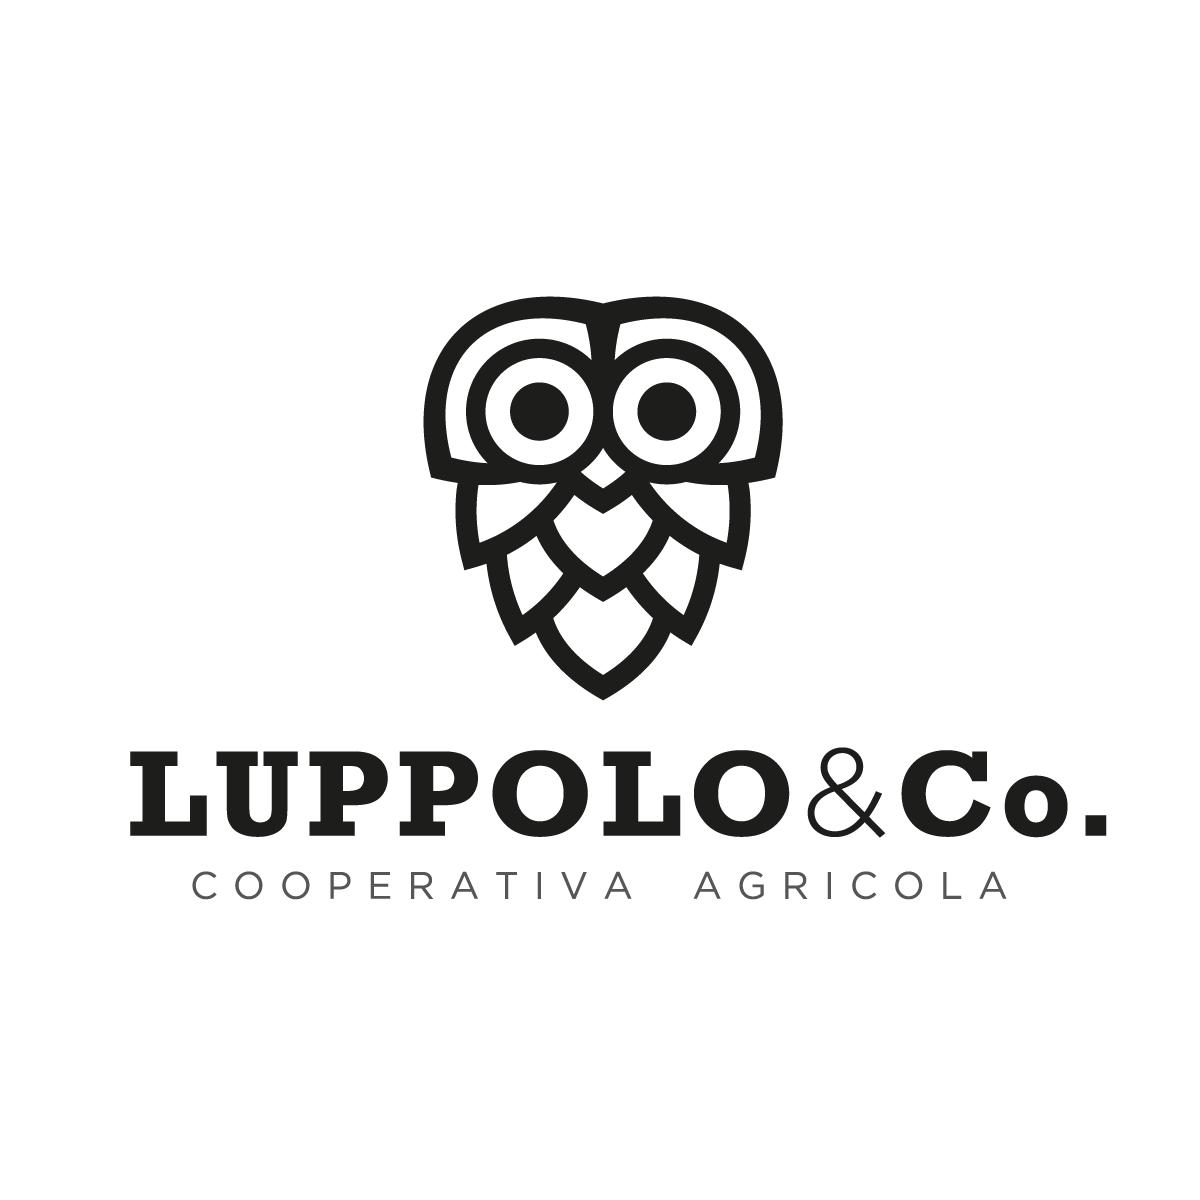 Luppolo&Co., Logo